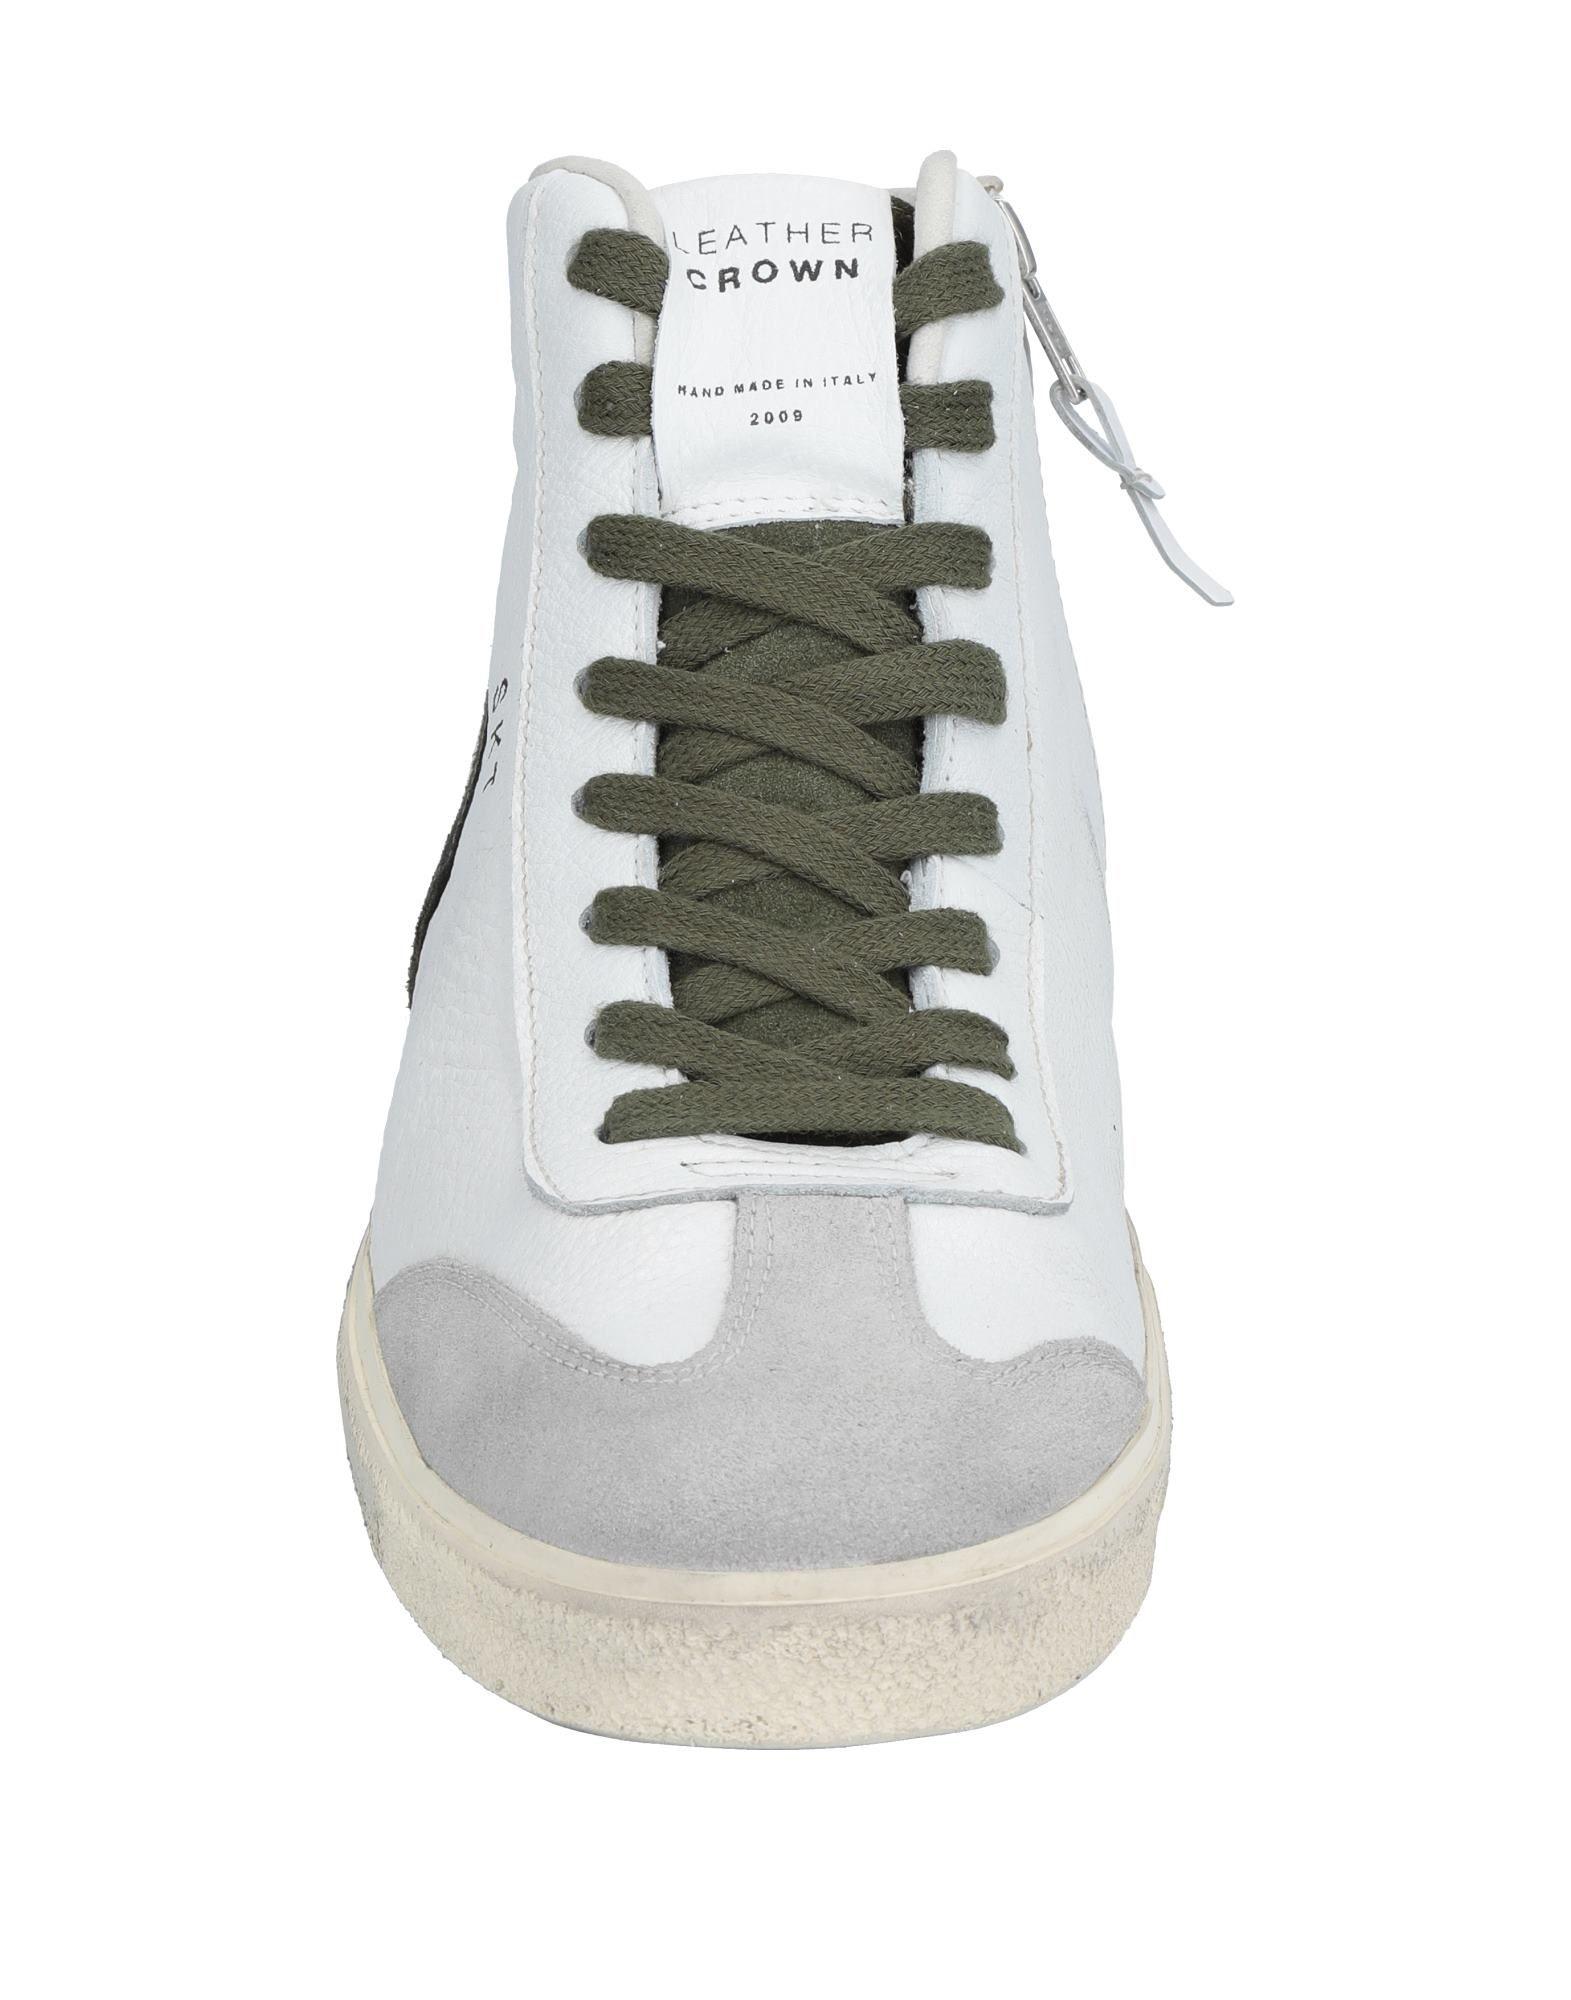 Leather Crown Sneakers Herren  11536867LR Gute Qualität beliebte Schuhe